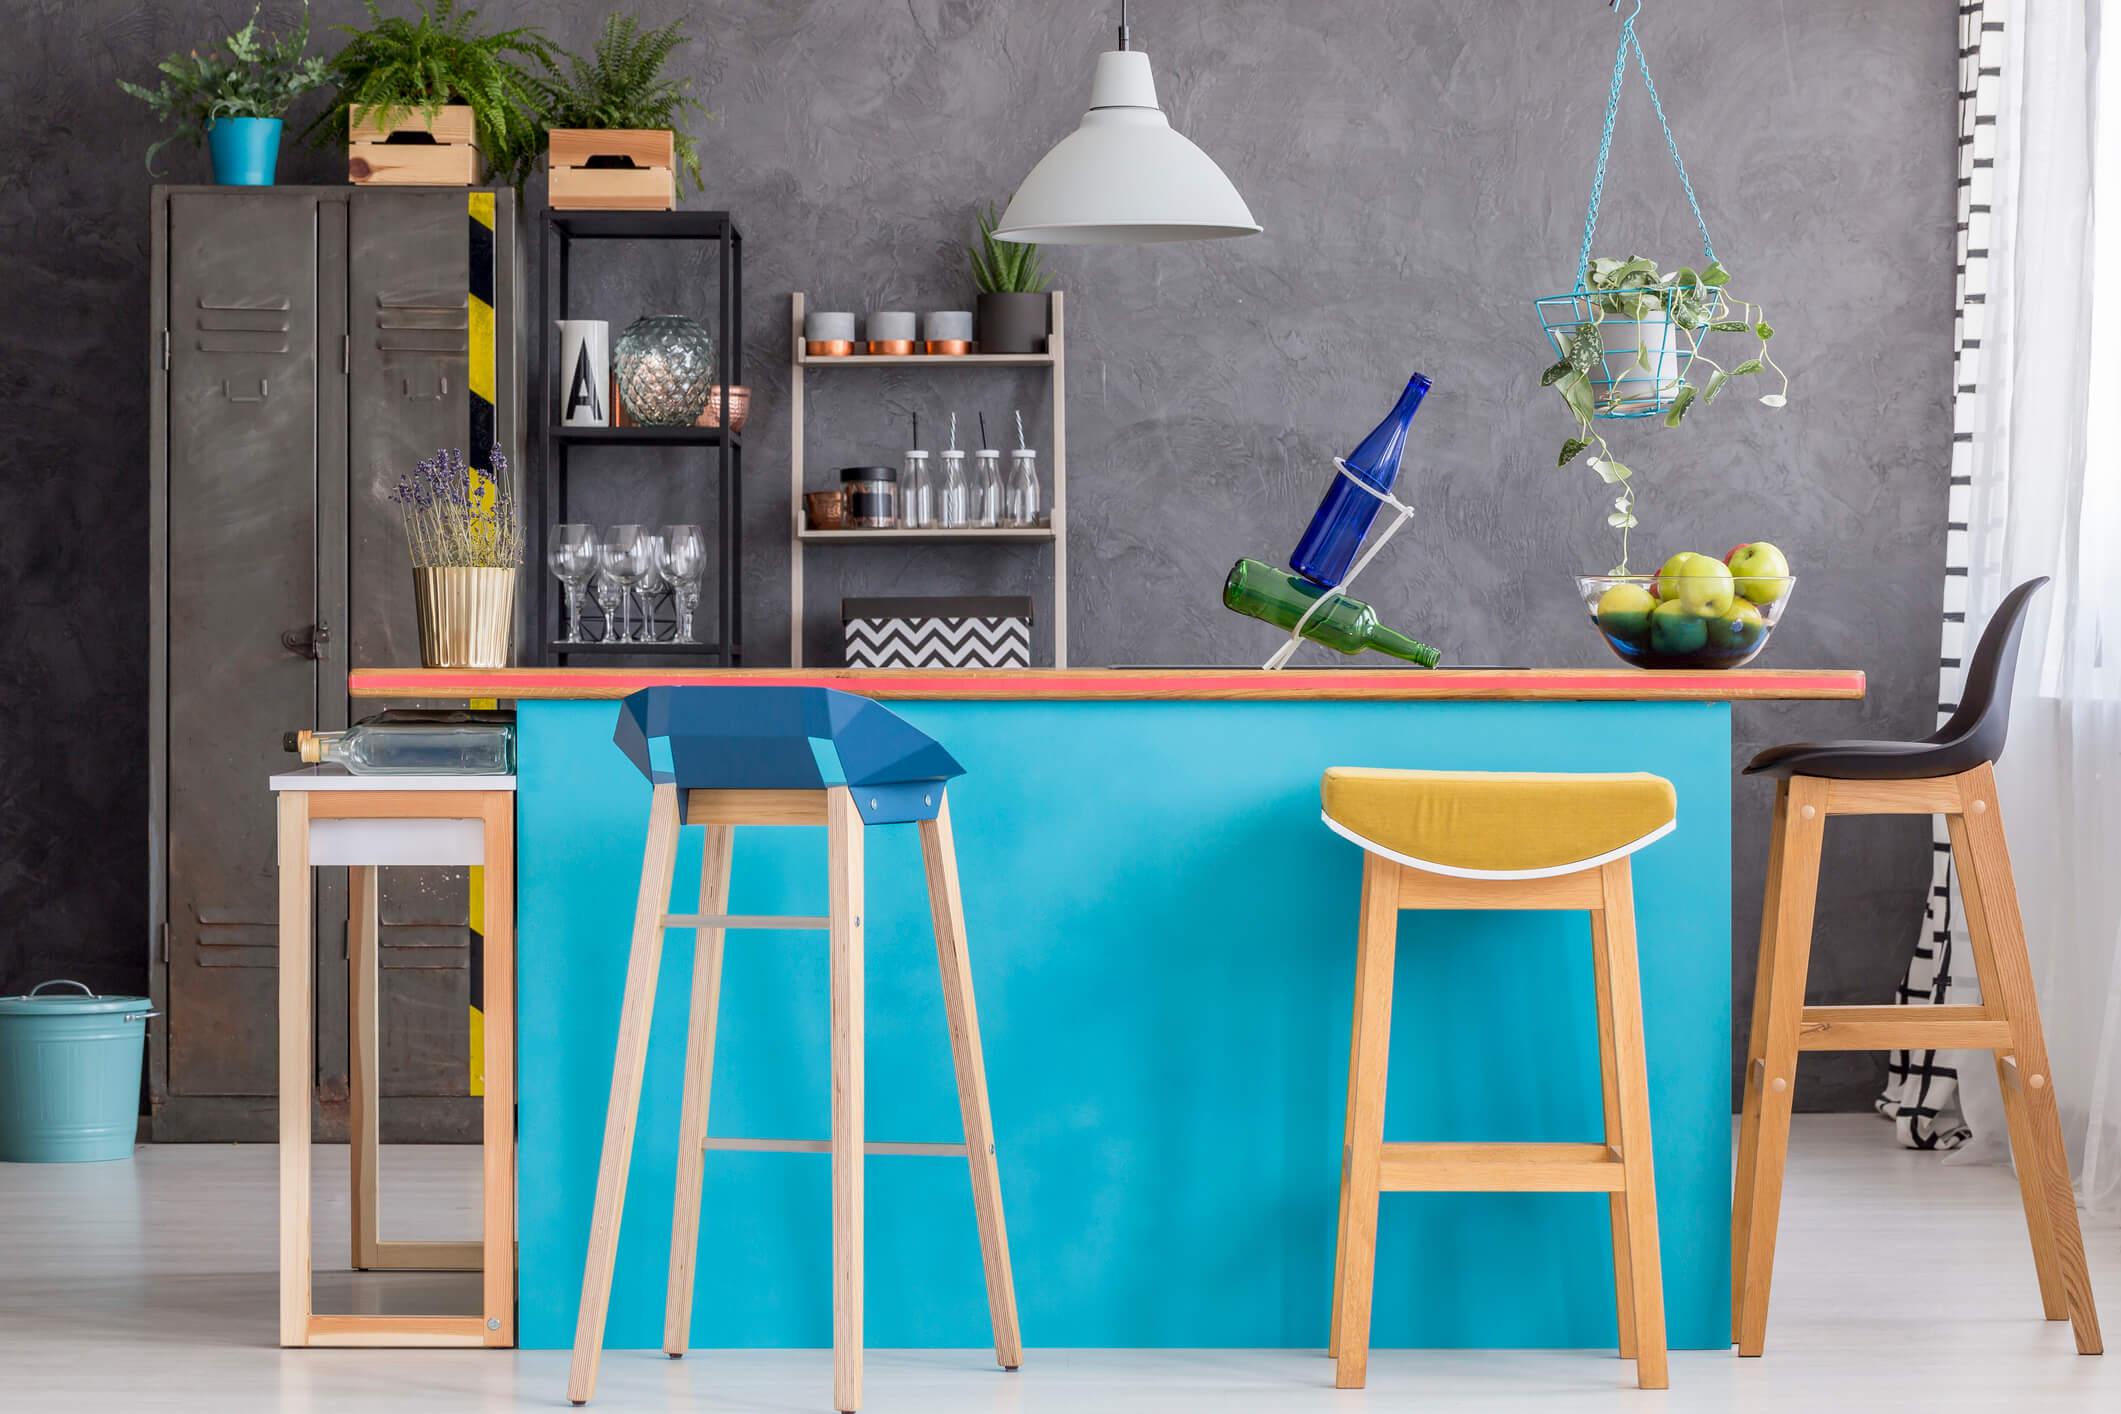 Conheça 4 dicas essenciais para quem quer montar um bar em casa